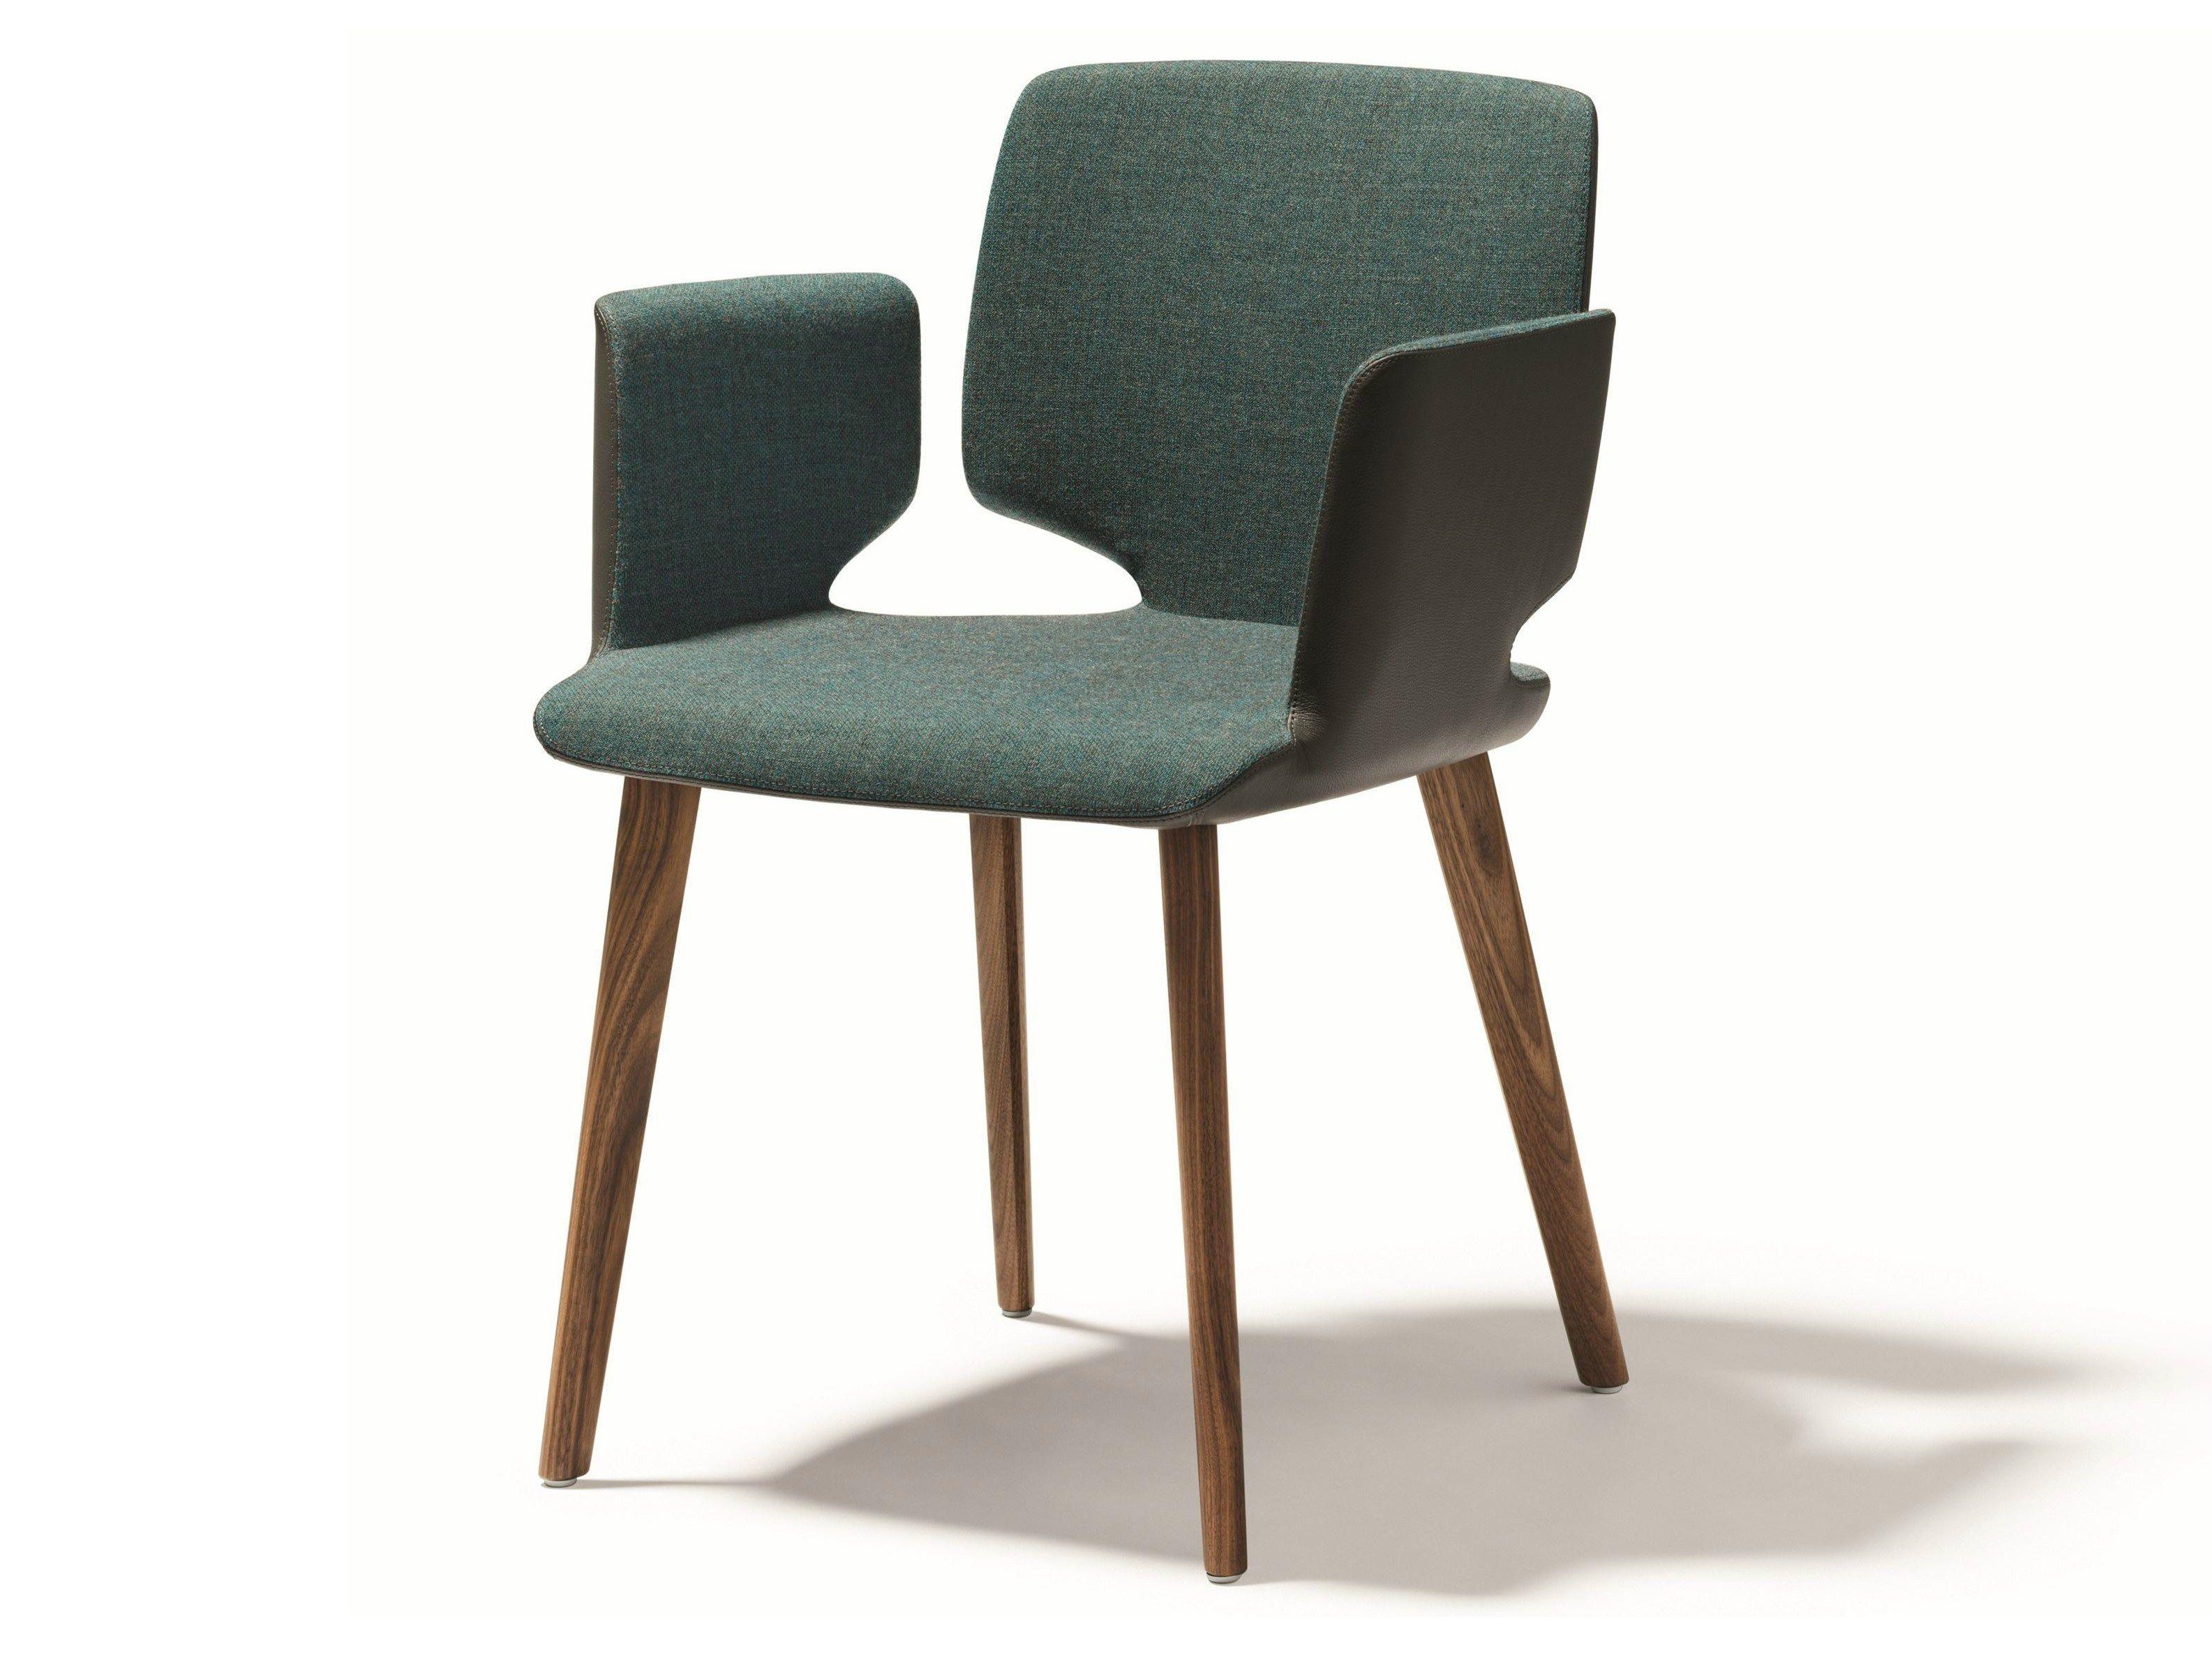 Eetkamerstoel neo : Neo is een origineel italiaanse design stoel uit de cantomobili